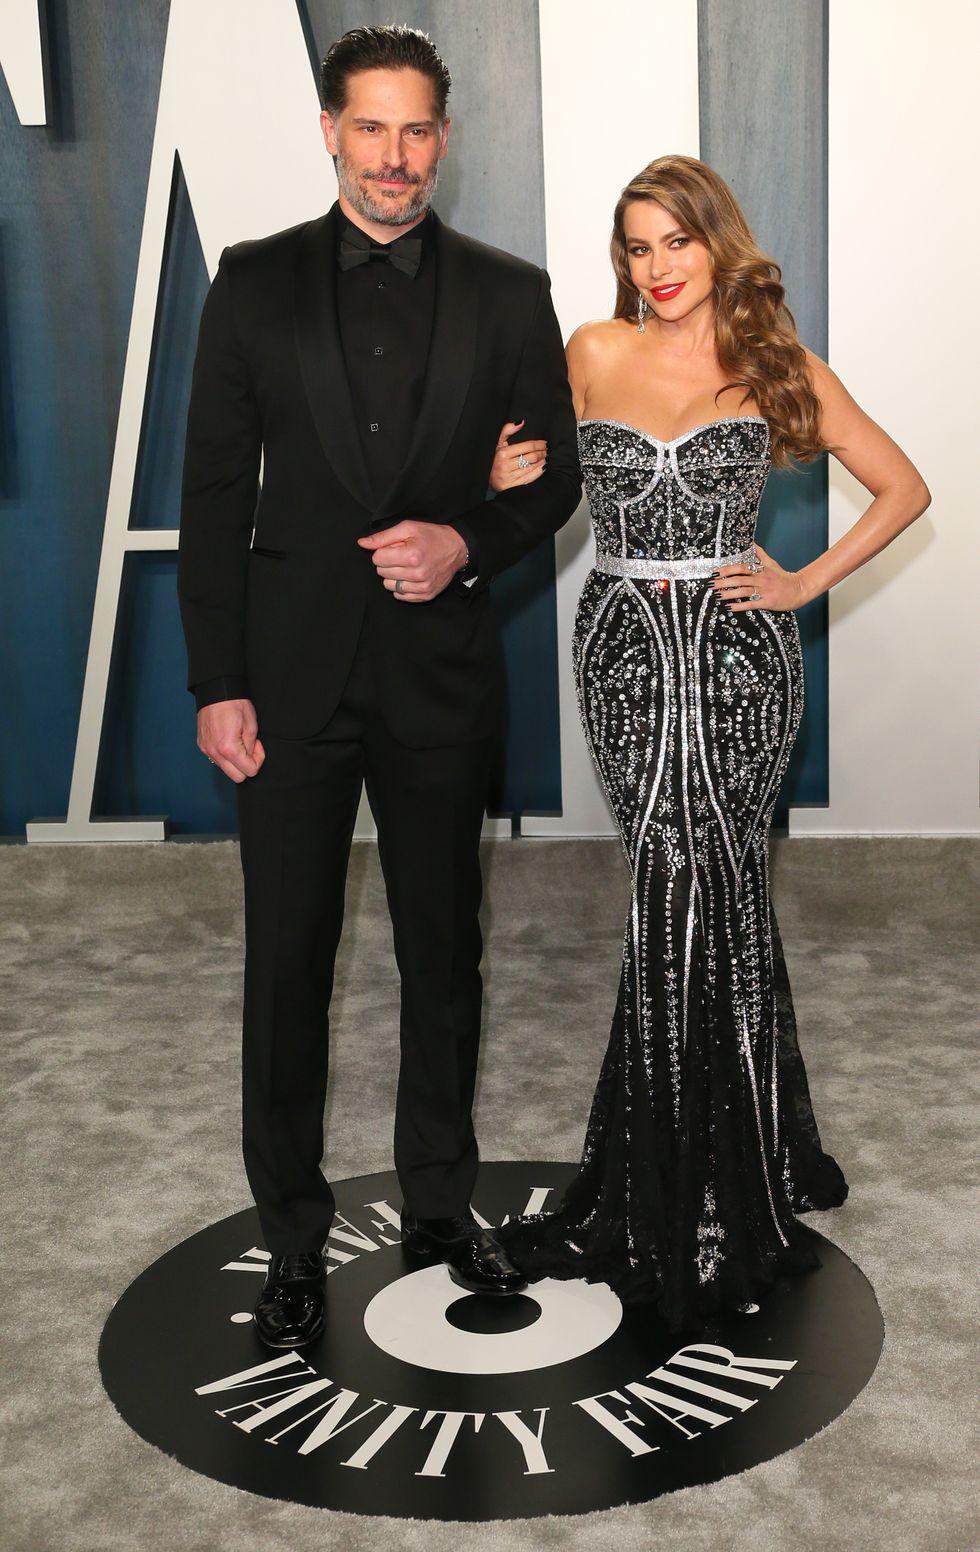 Cele mai HOT cupluri de vedete de la afterparty-urile de la Premiile Oscar 2020